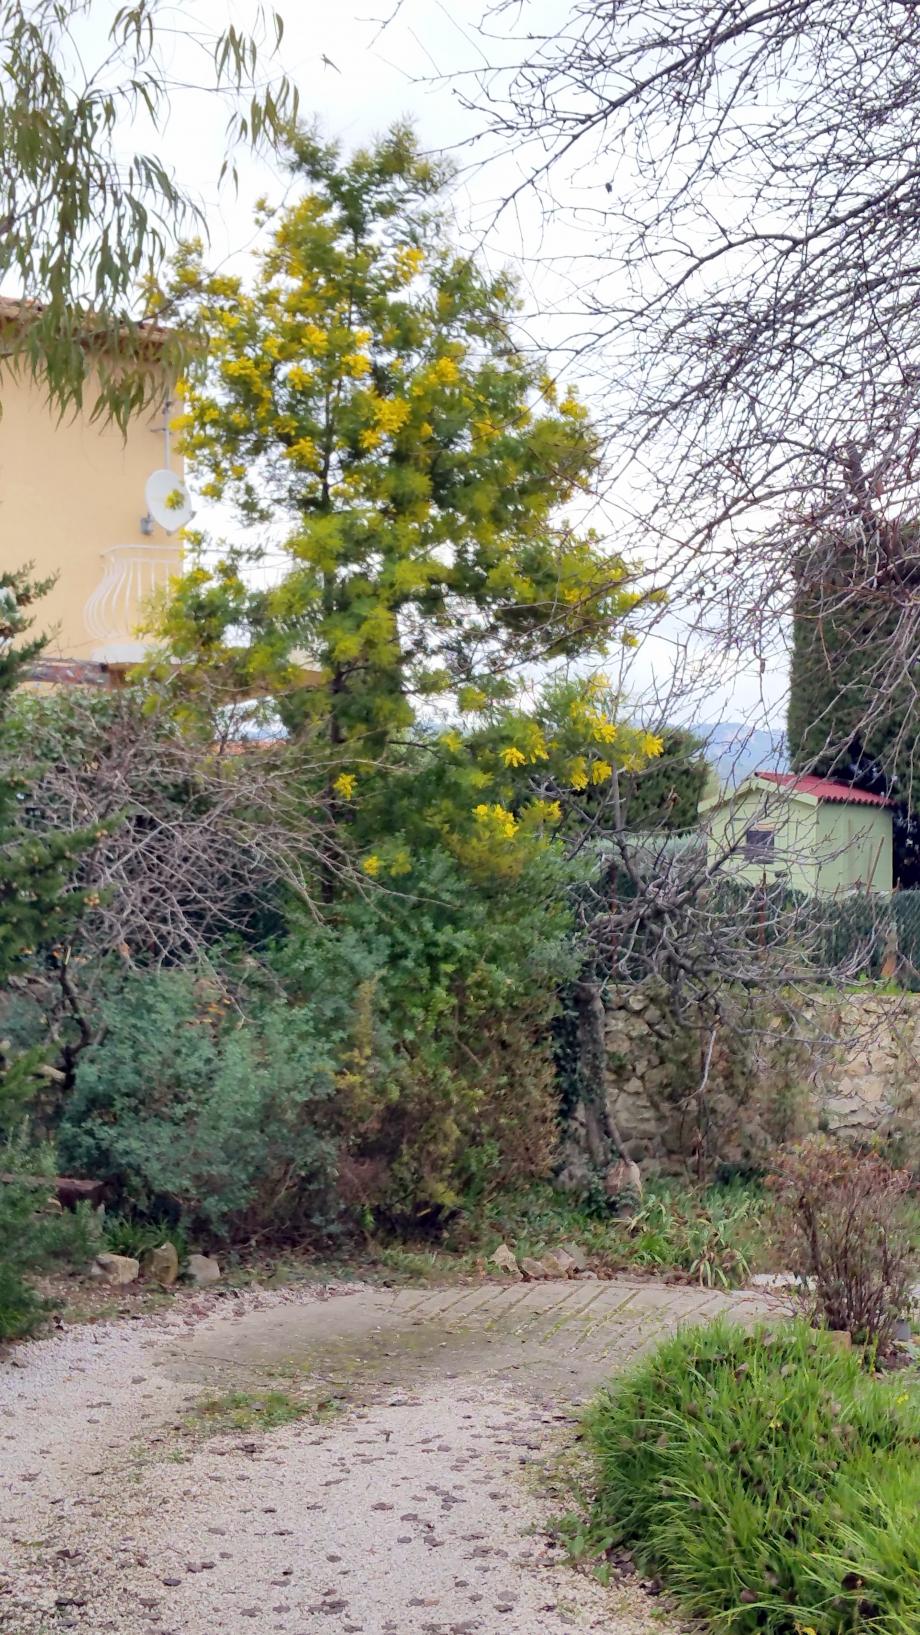 Mimosa 24 dec 15.jpg